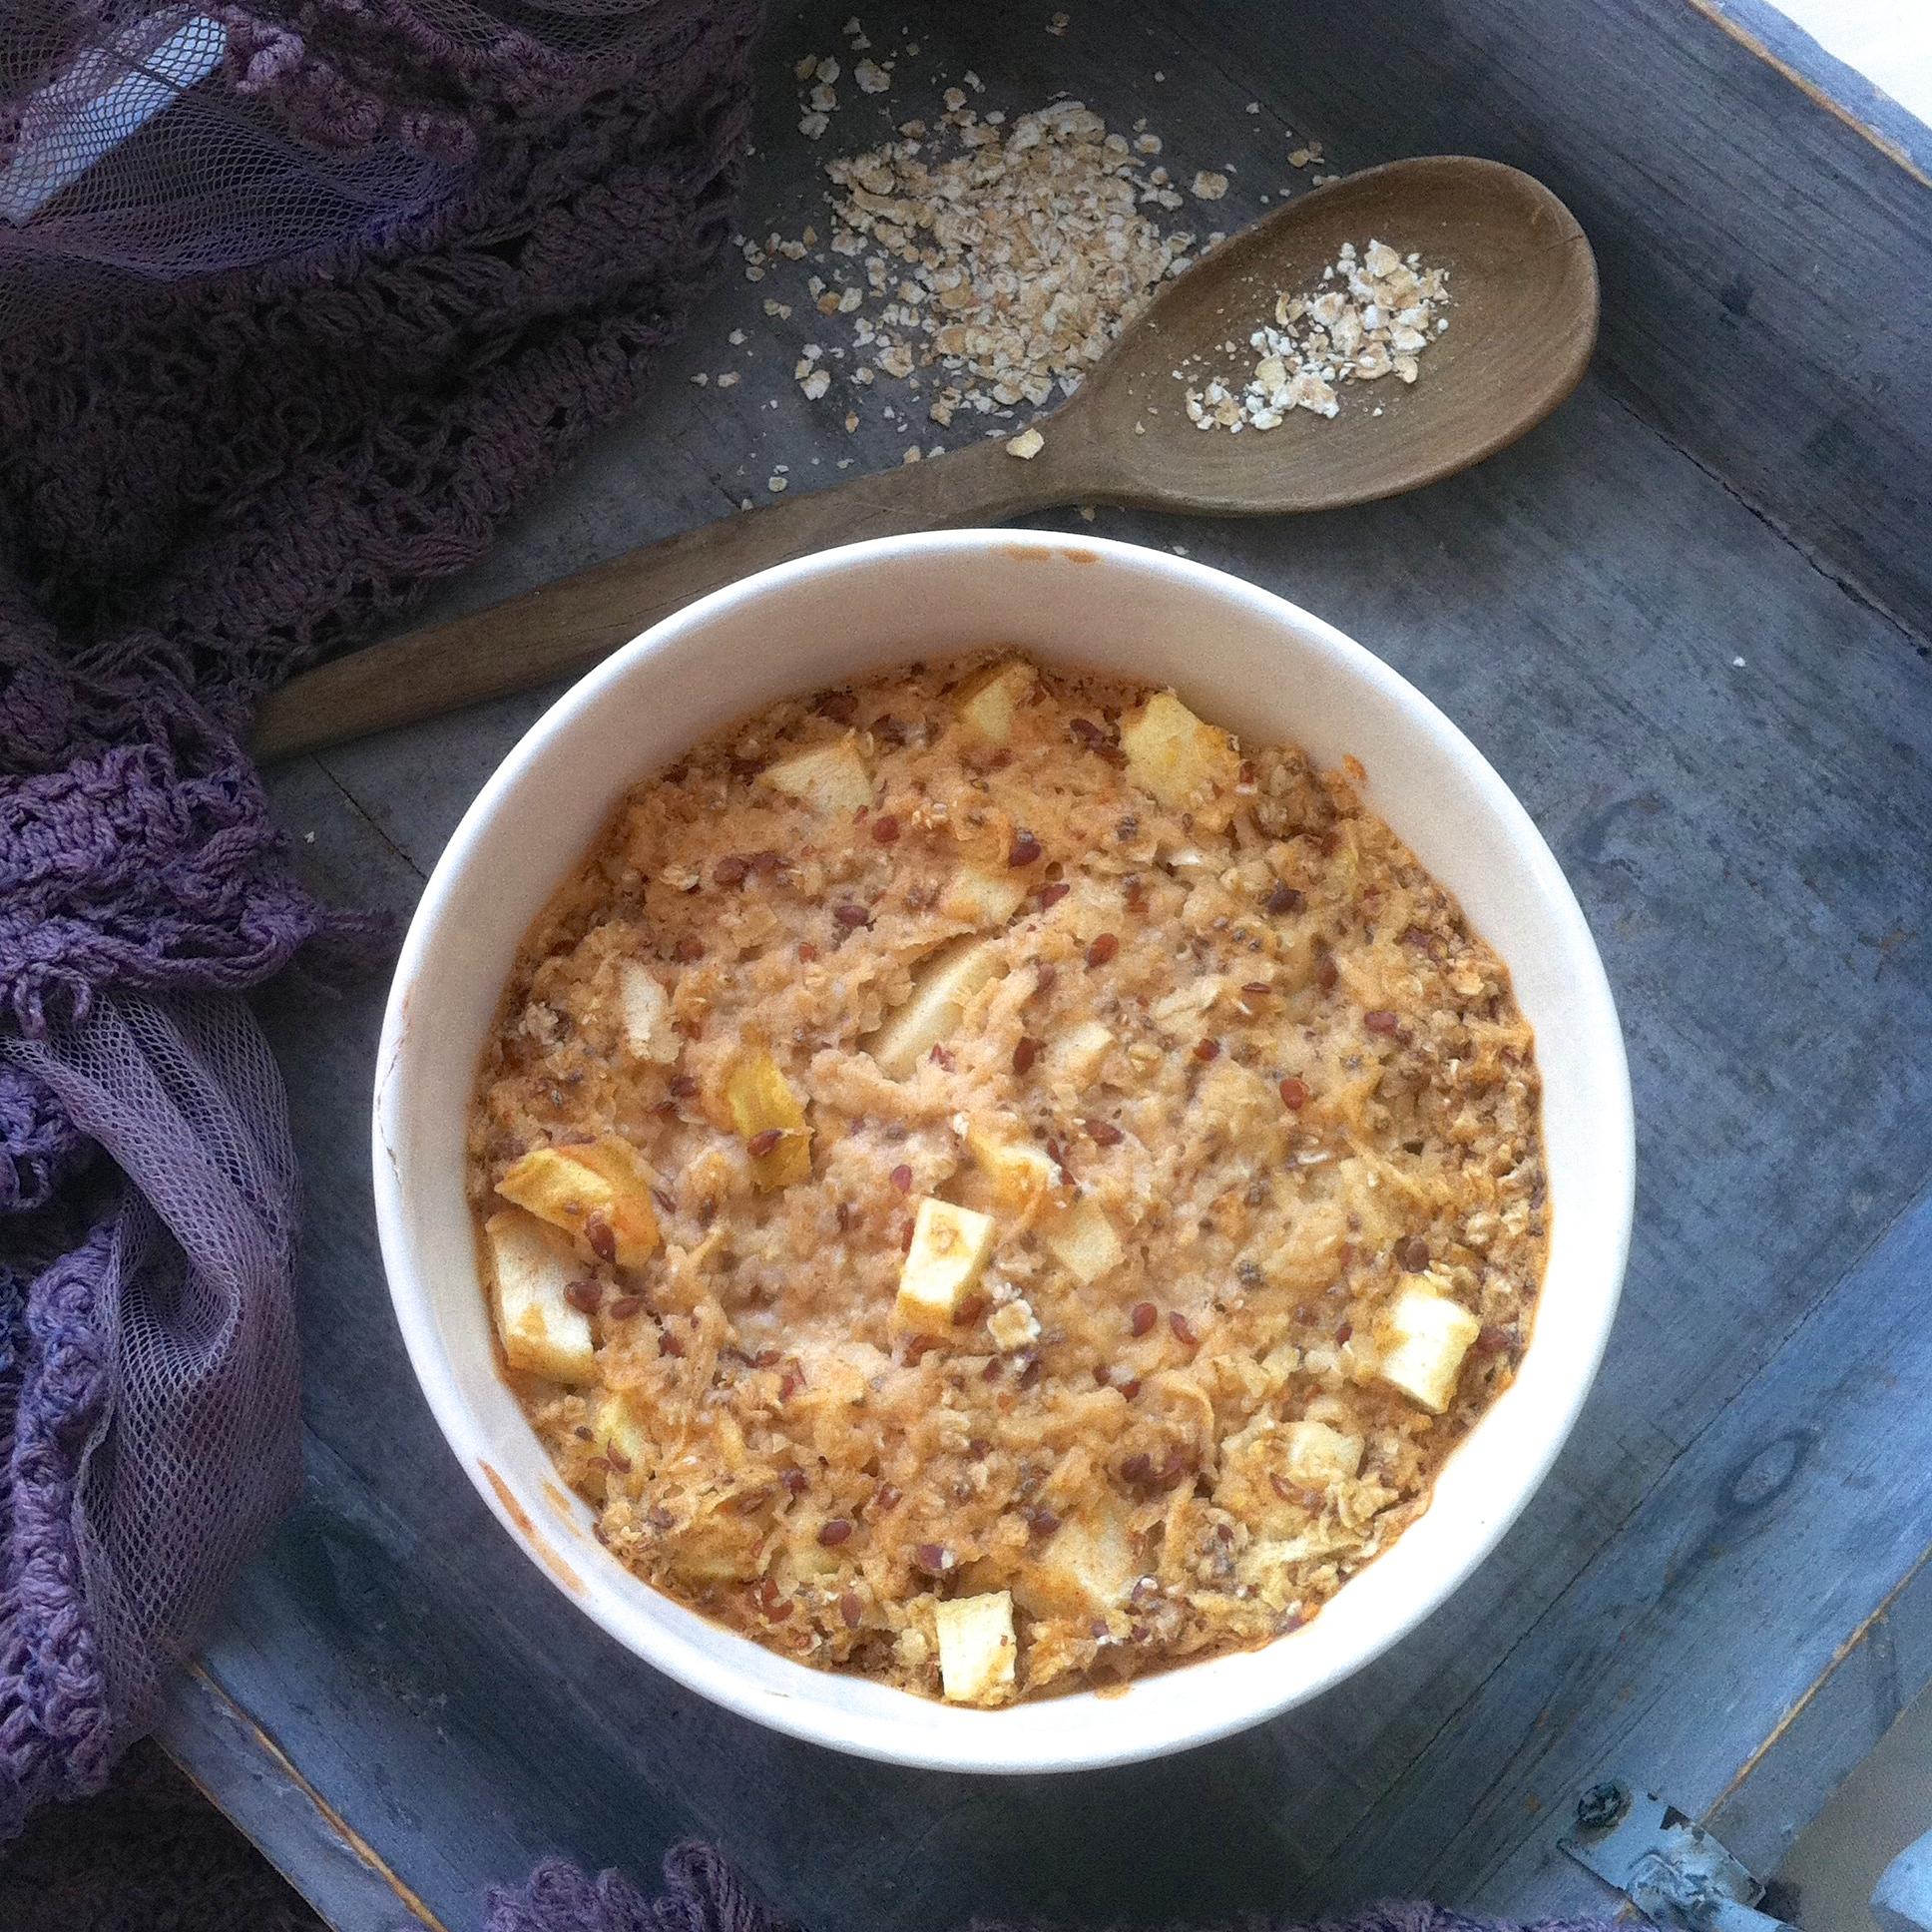 Breakfast: gebakken havermout met appel en kaneel